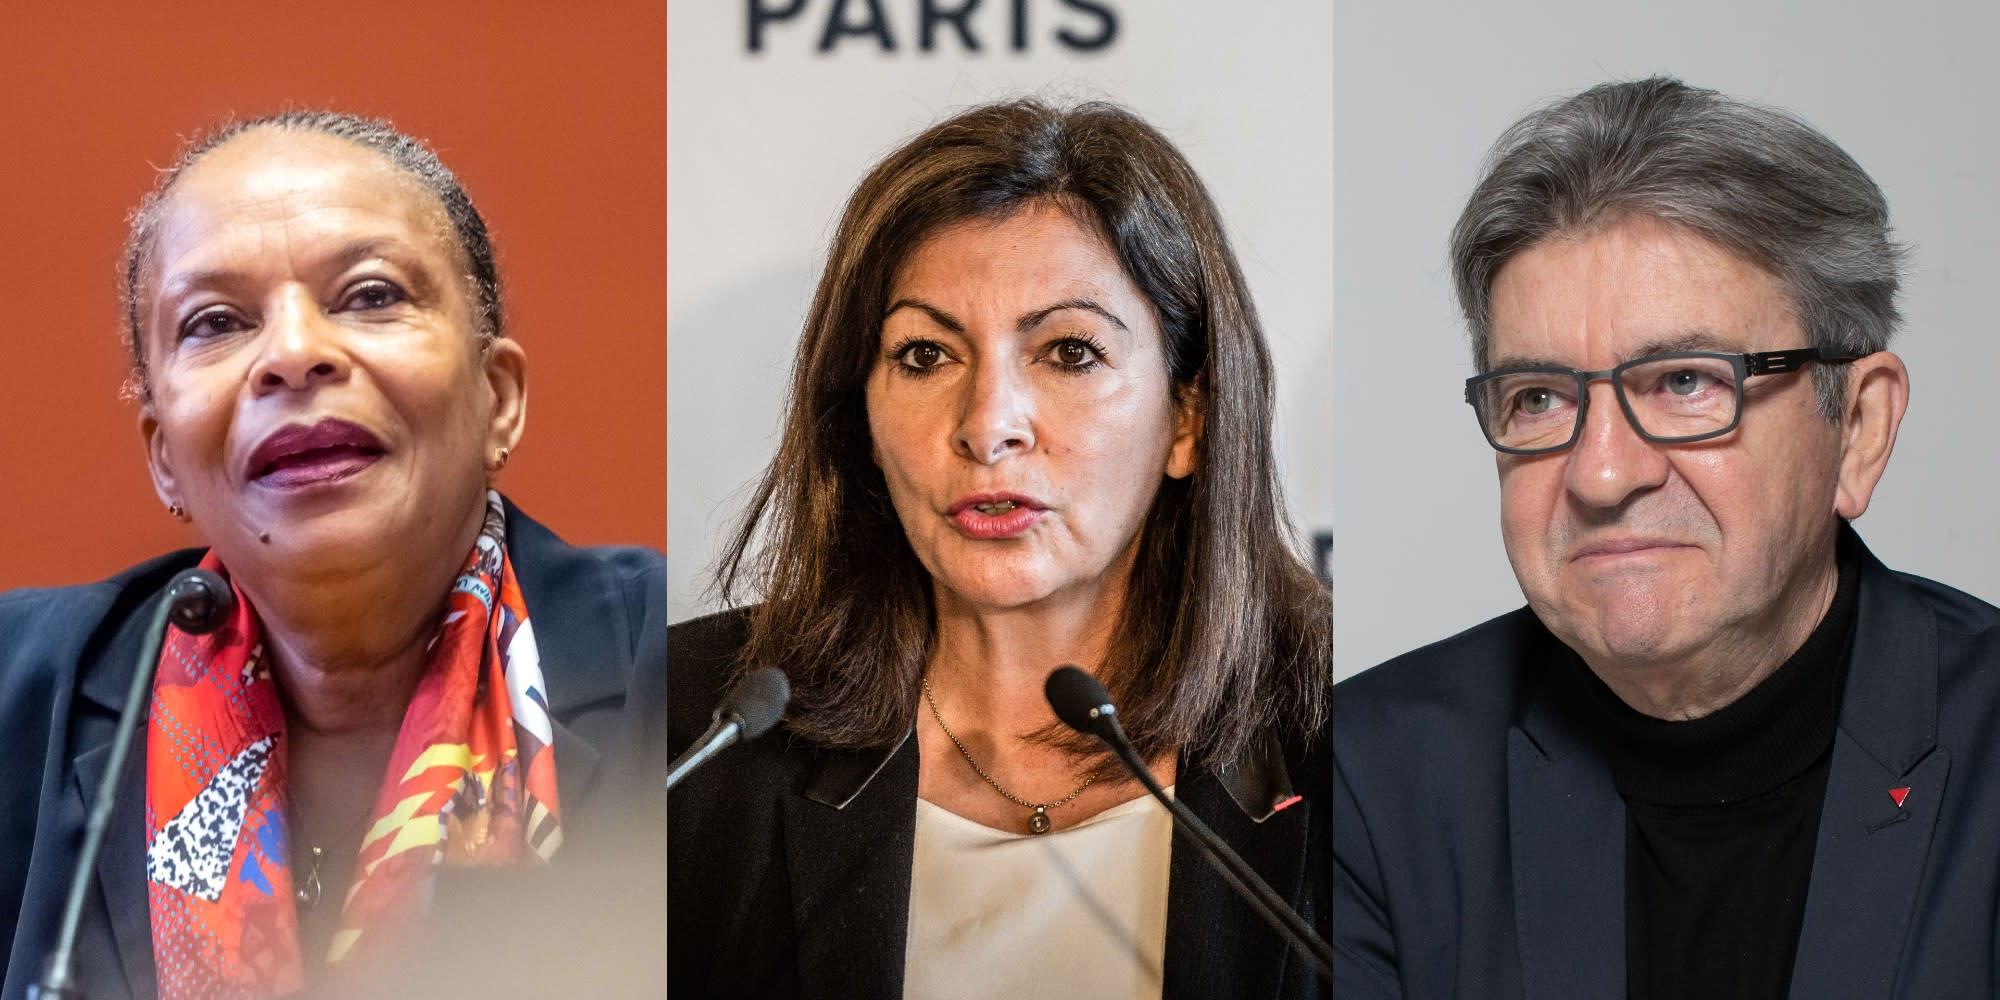 SONDAGE. Taubira, Hidalgo, Mélenchon, Hamon, Jadot : voici les favoris des sympathisants de gauche pour 2022